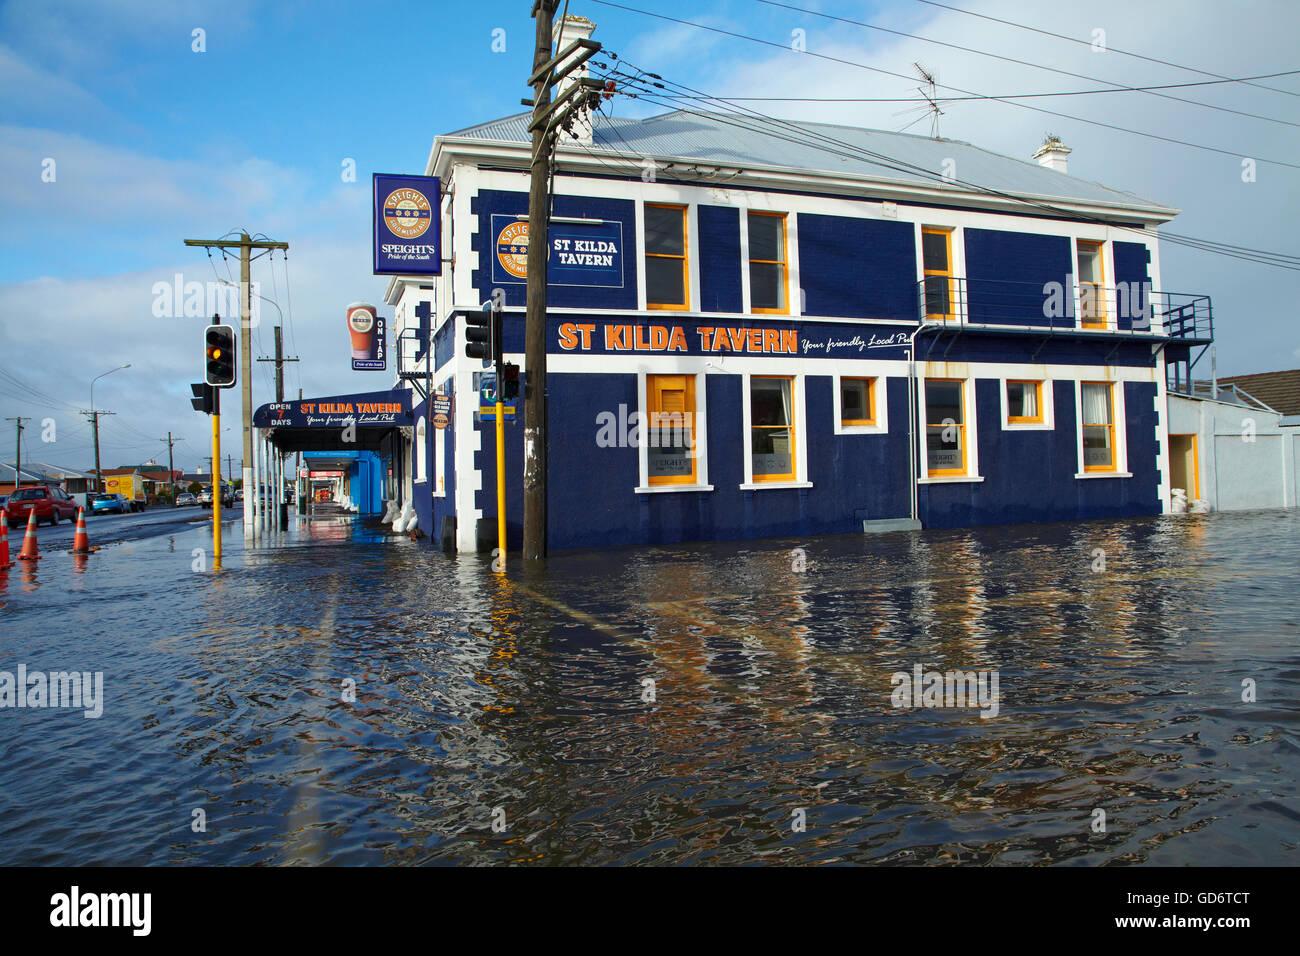 Taberna de St Kilda durante el Sur Dunedin, inundaciones, Dunedin (Isla del Sur, Nueva Zelanda Foto de stock